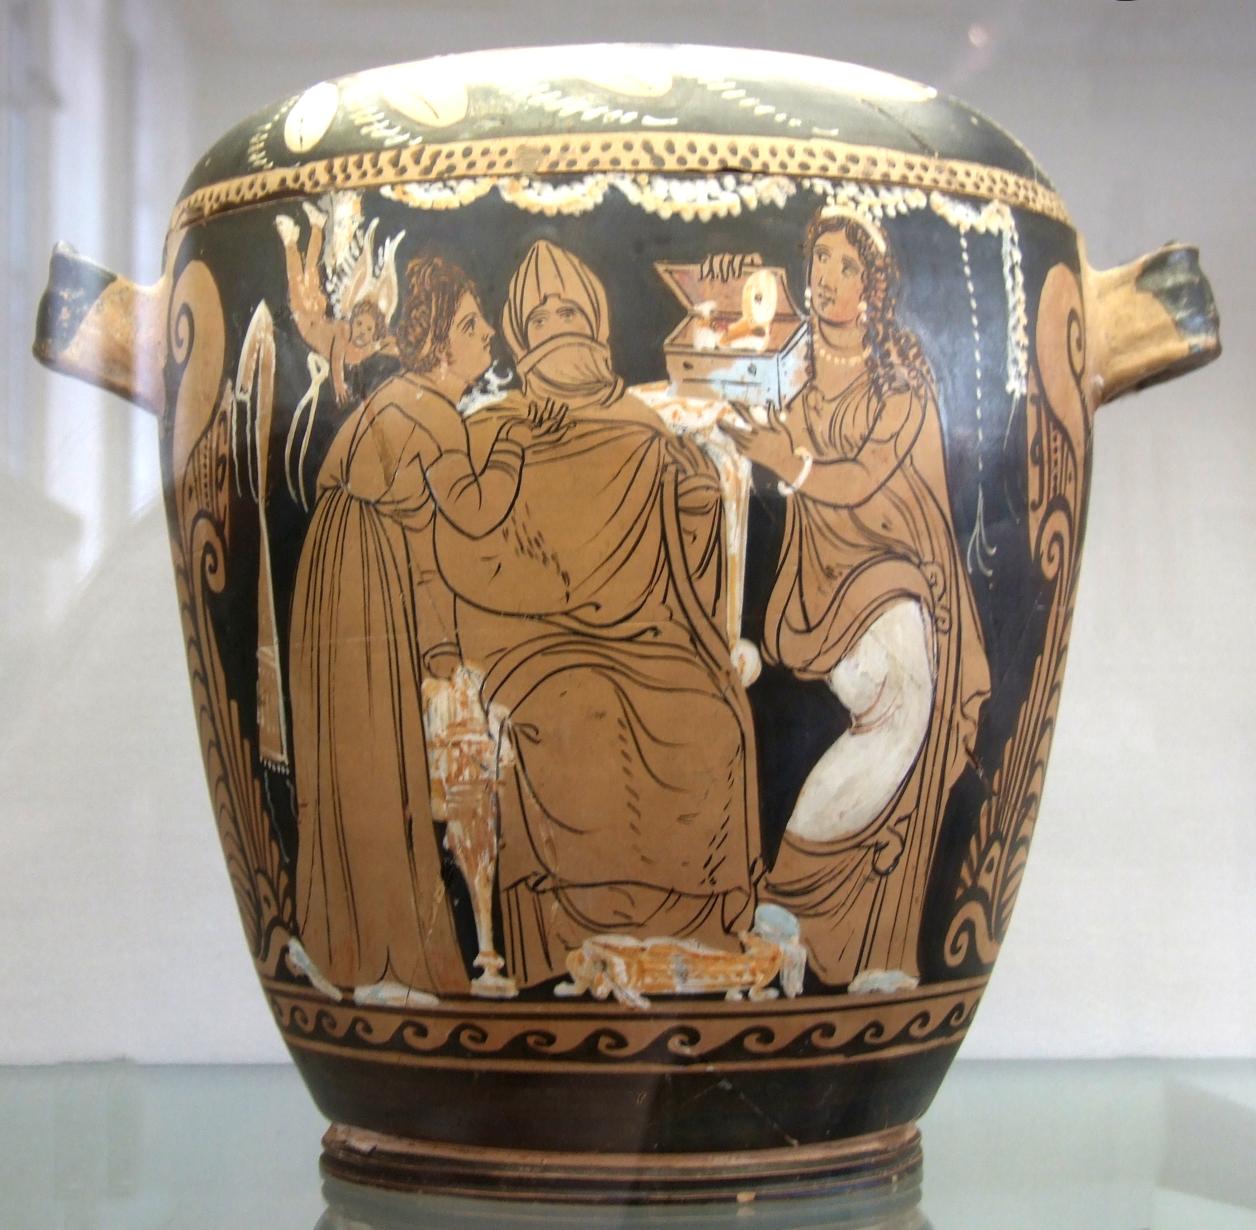 Matrimonio In Grecia : Matrimonio nell antica grecia wikiwand